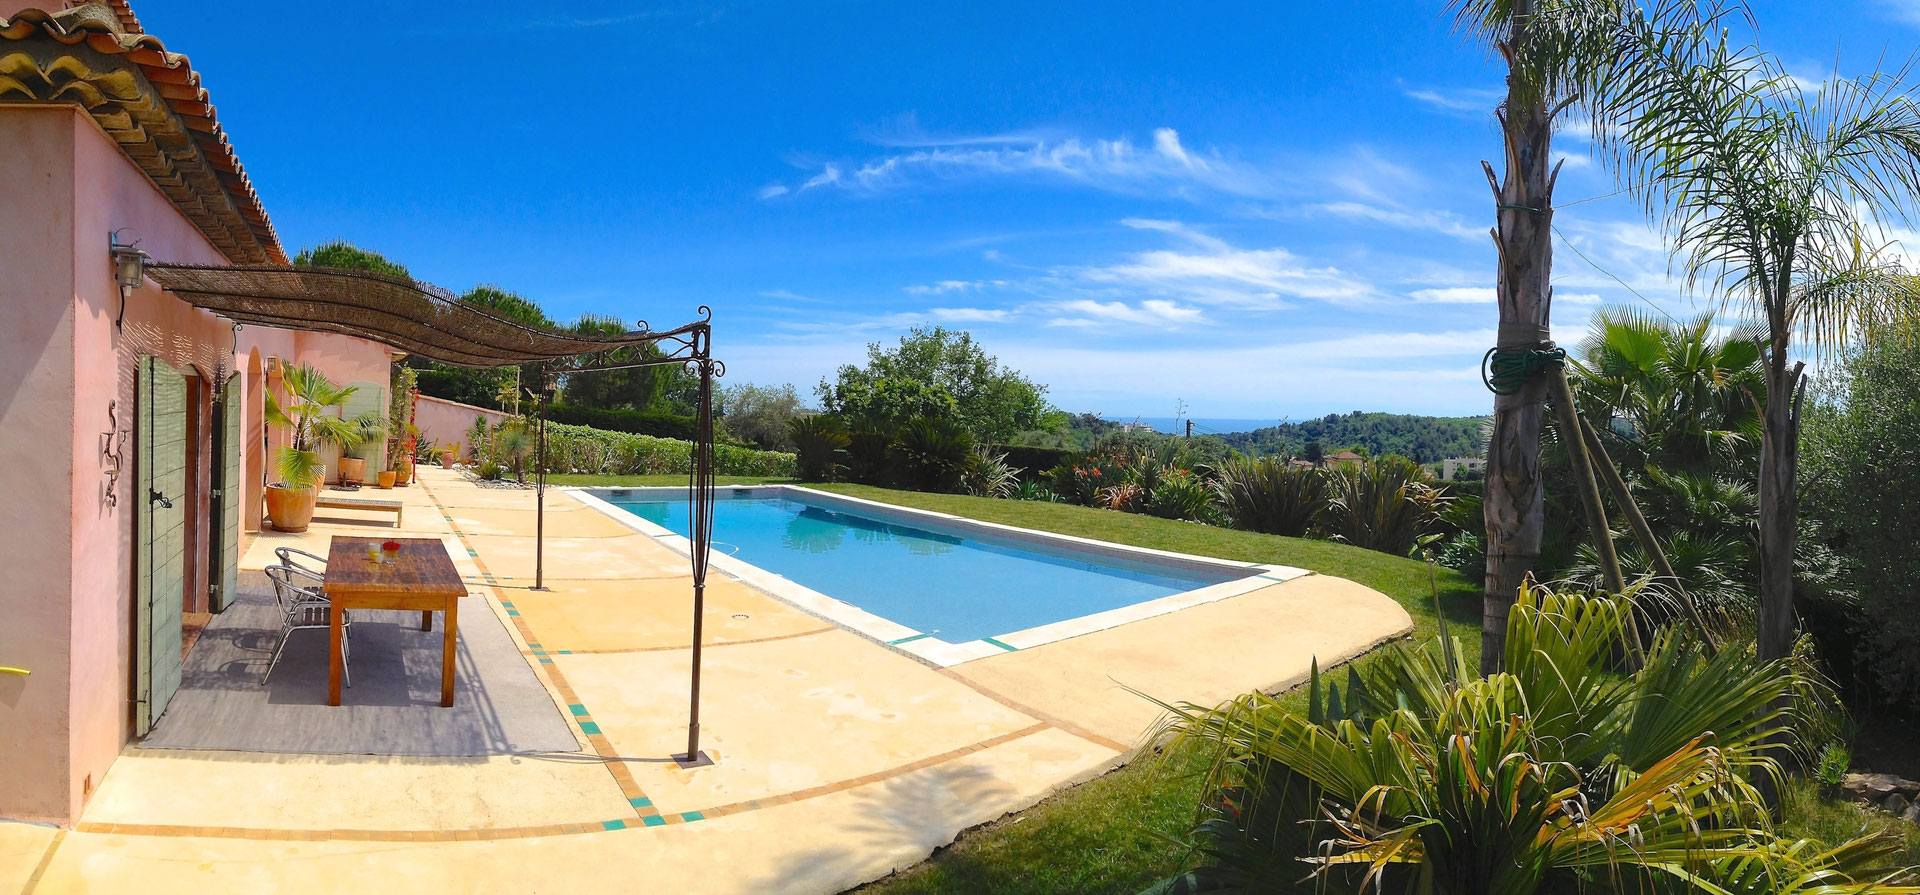 Location villa maison vacances avec piscine priv e vence - Location vacances avec piscine privee ...